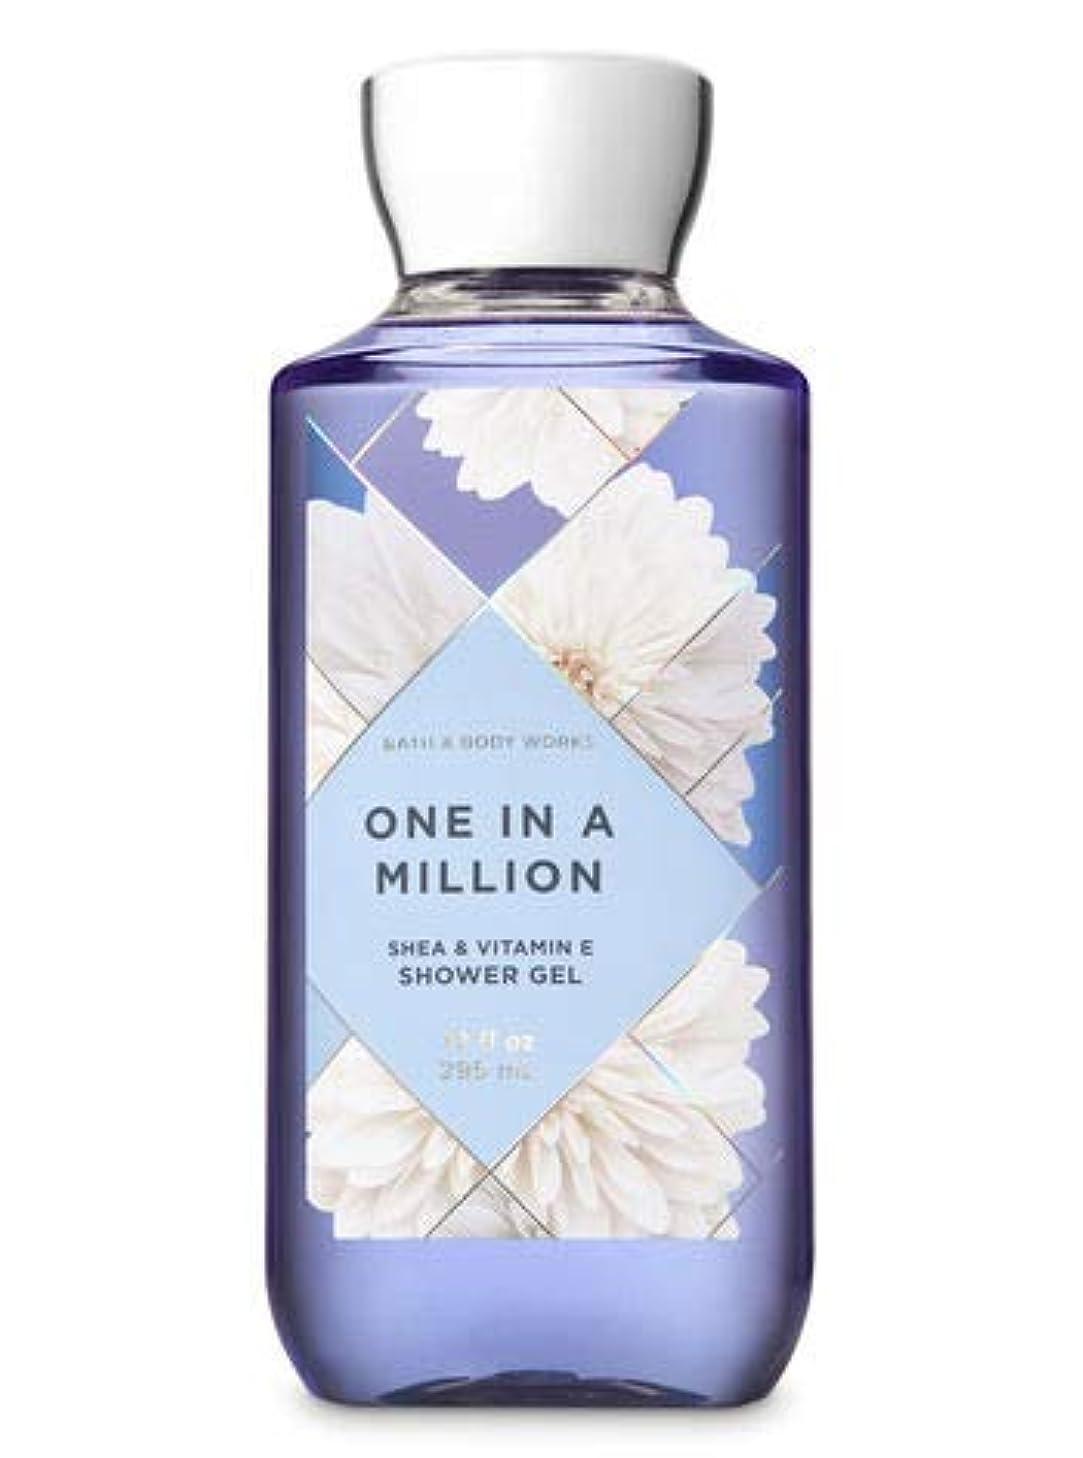 余裕がある狼インカ帝国【Bath&Body Works/バス&ボディワークス】 シャワージェル ワンインアミリオン Shower Gel One in a Million 10 fl oz / 295 mL [並行輸入品]